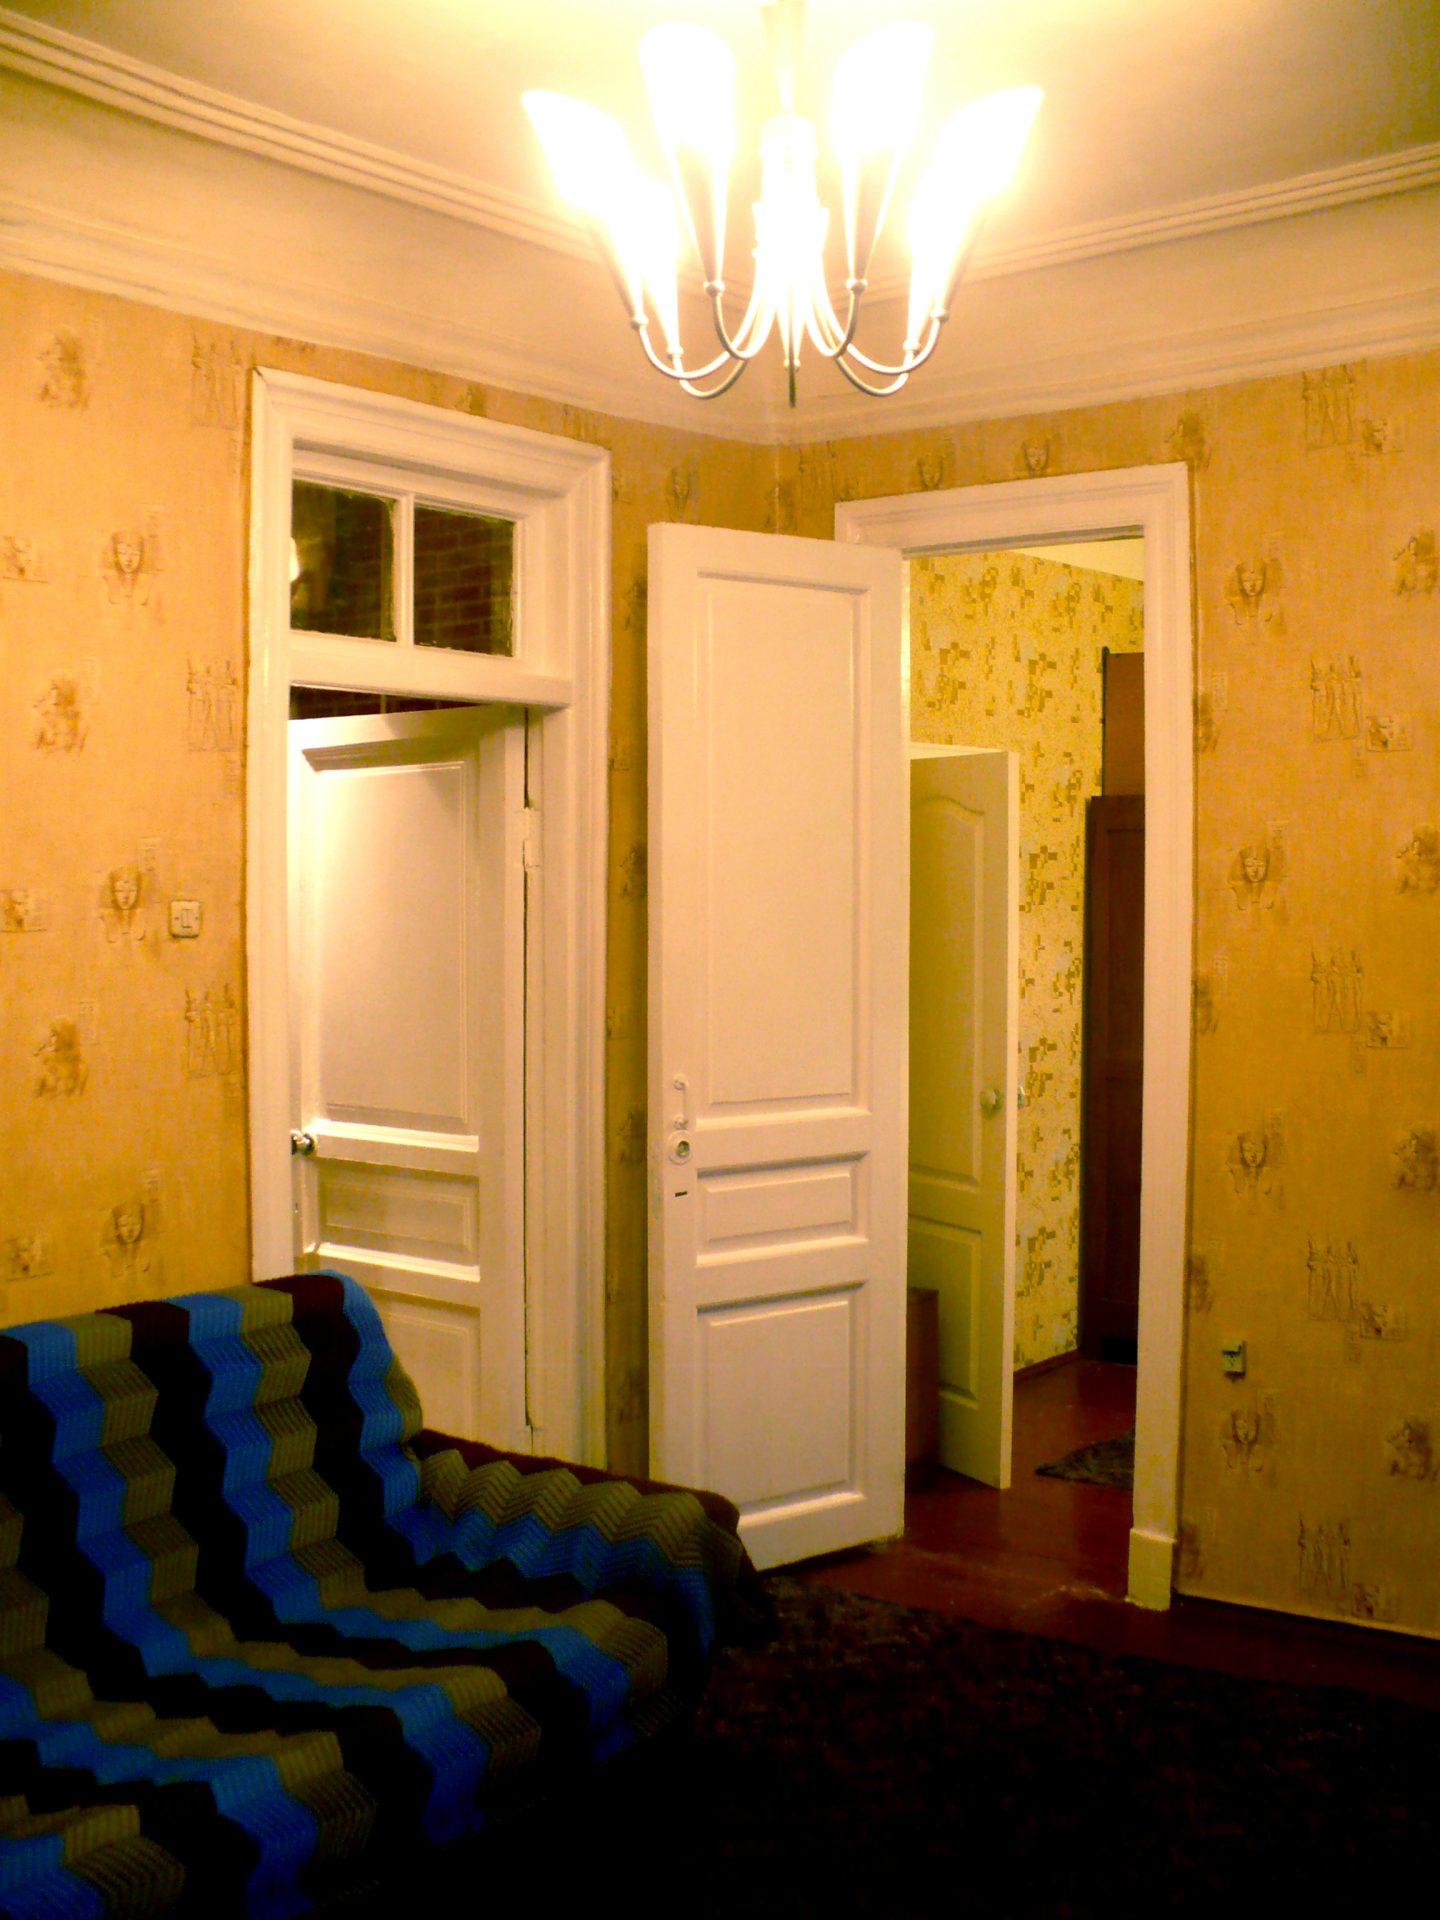 Продается 2 комнатная квартира 43м2 на 1 эт в Центральном районе, ул. Боровая, д.19